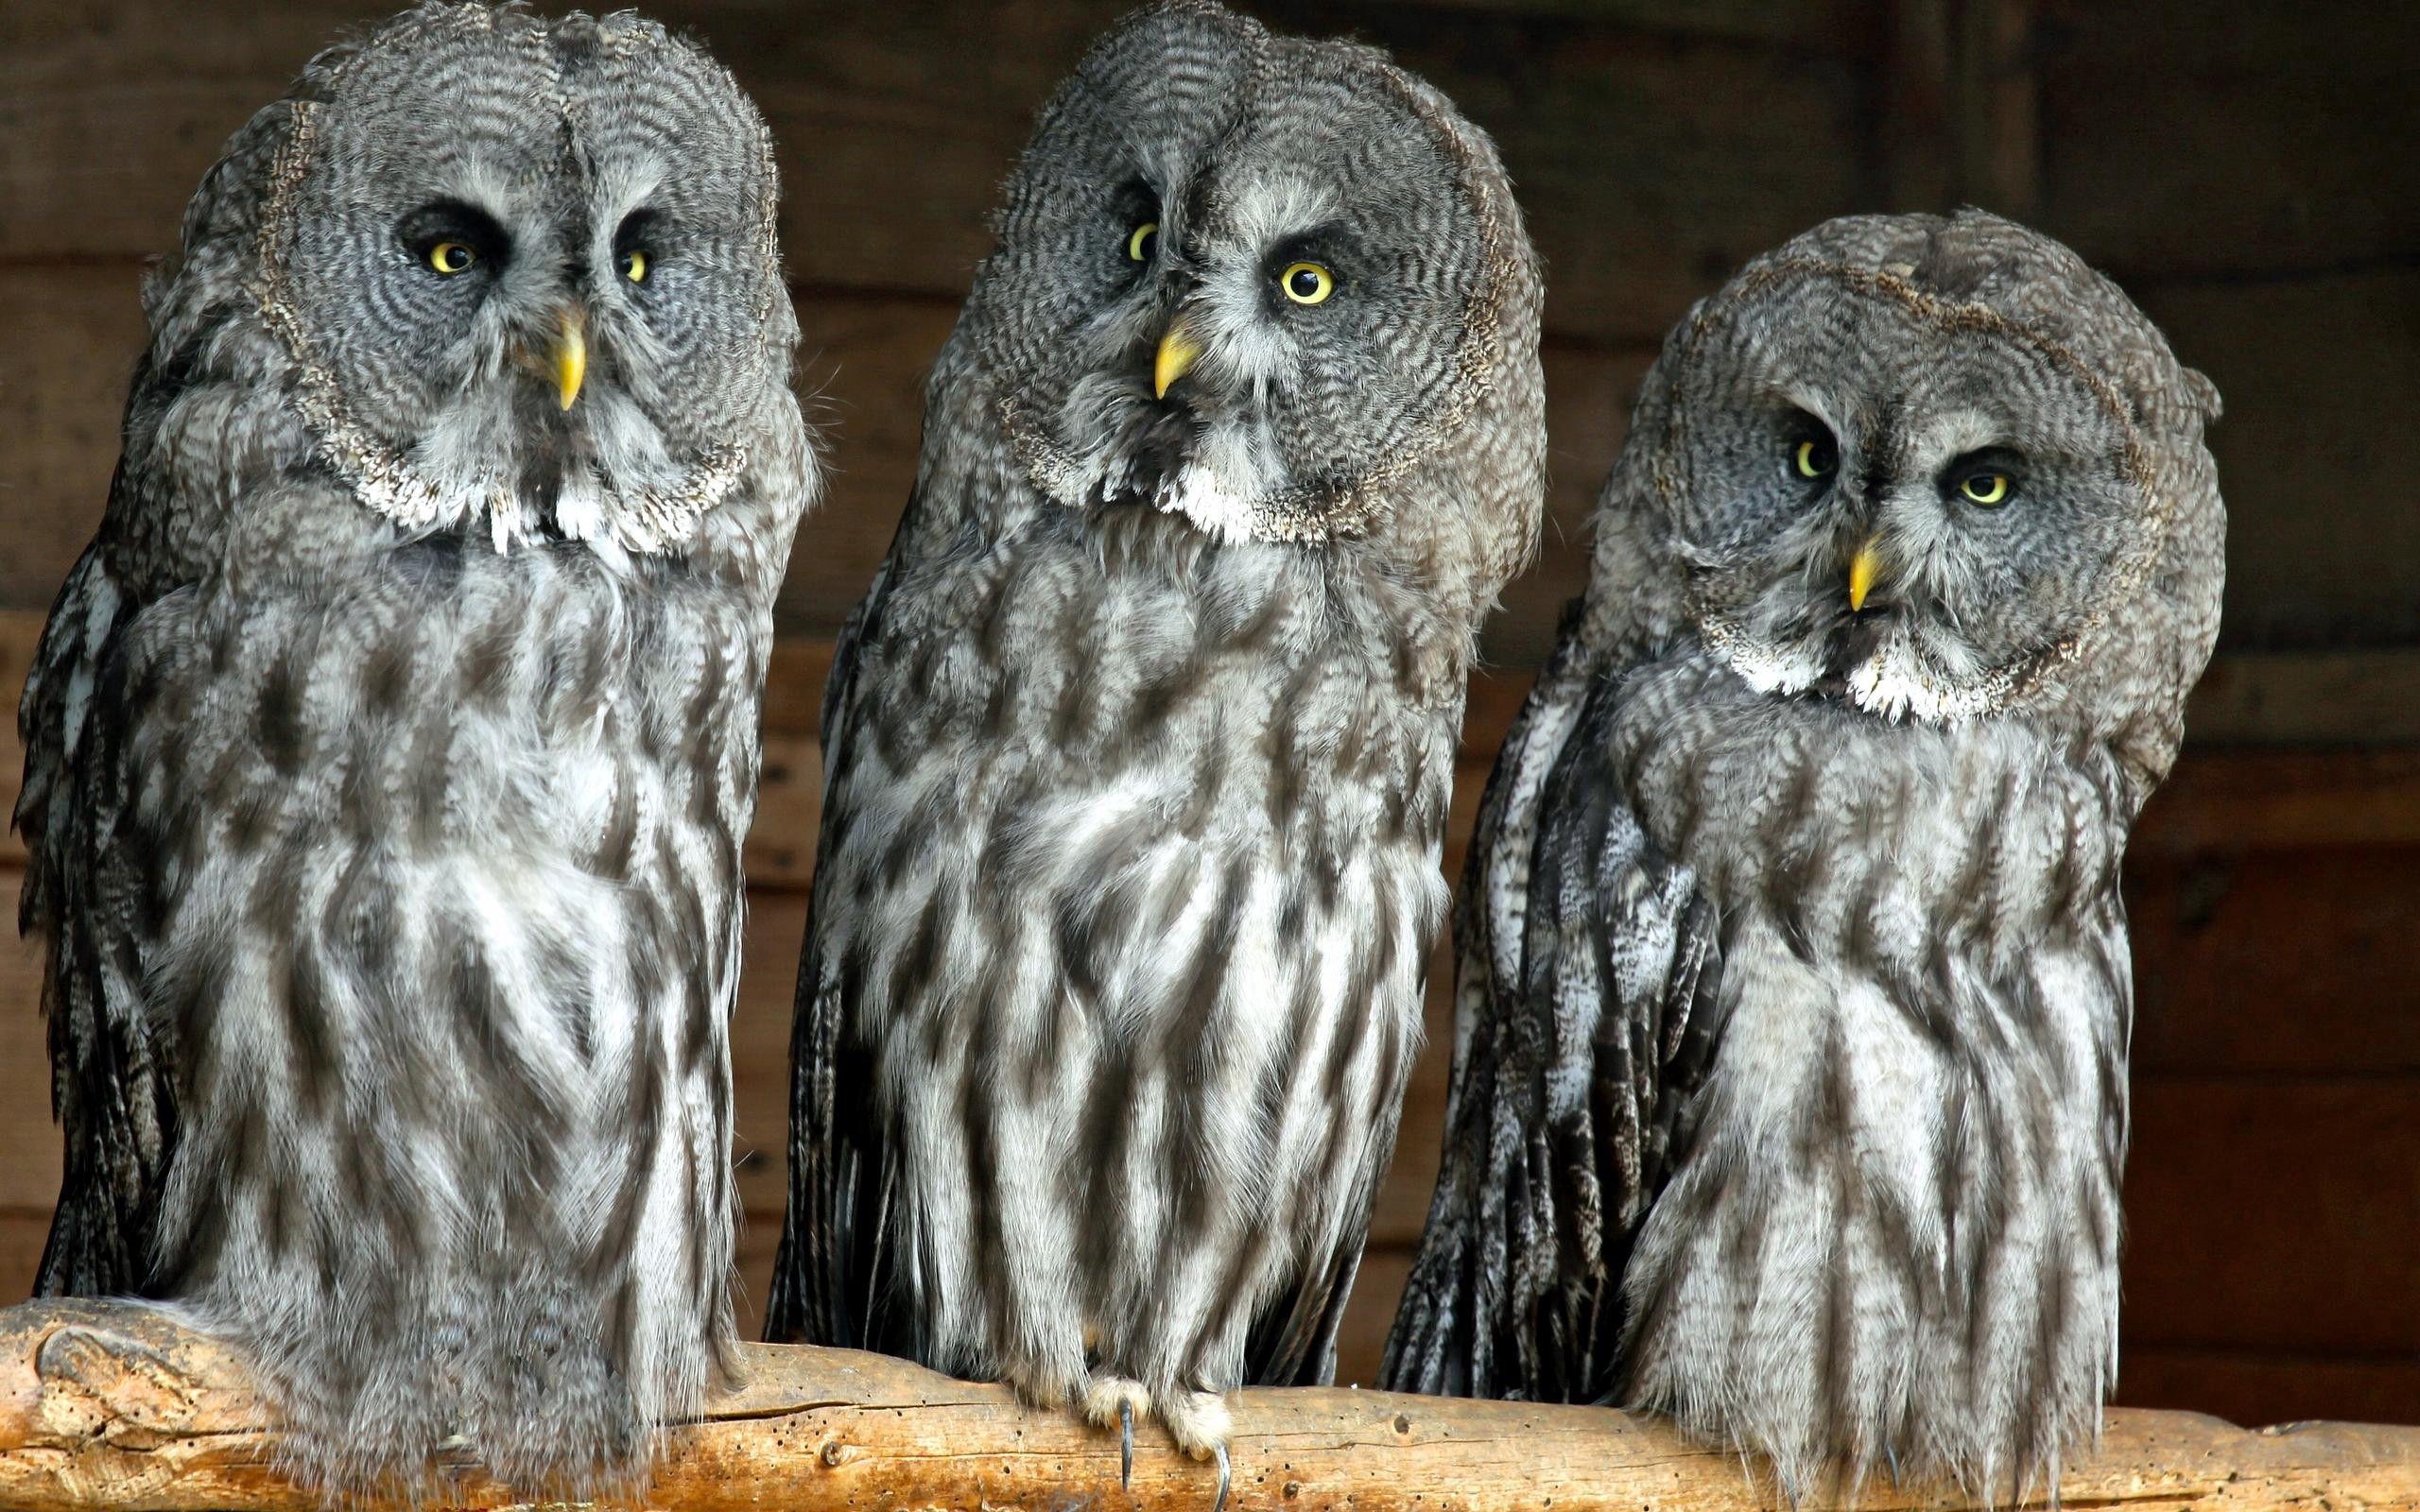 134553 скачать обои Животные, Трое, Хищники, Птицы, Совы - заставки и картинки бесплатно